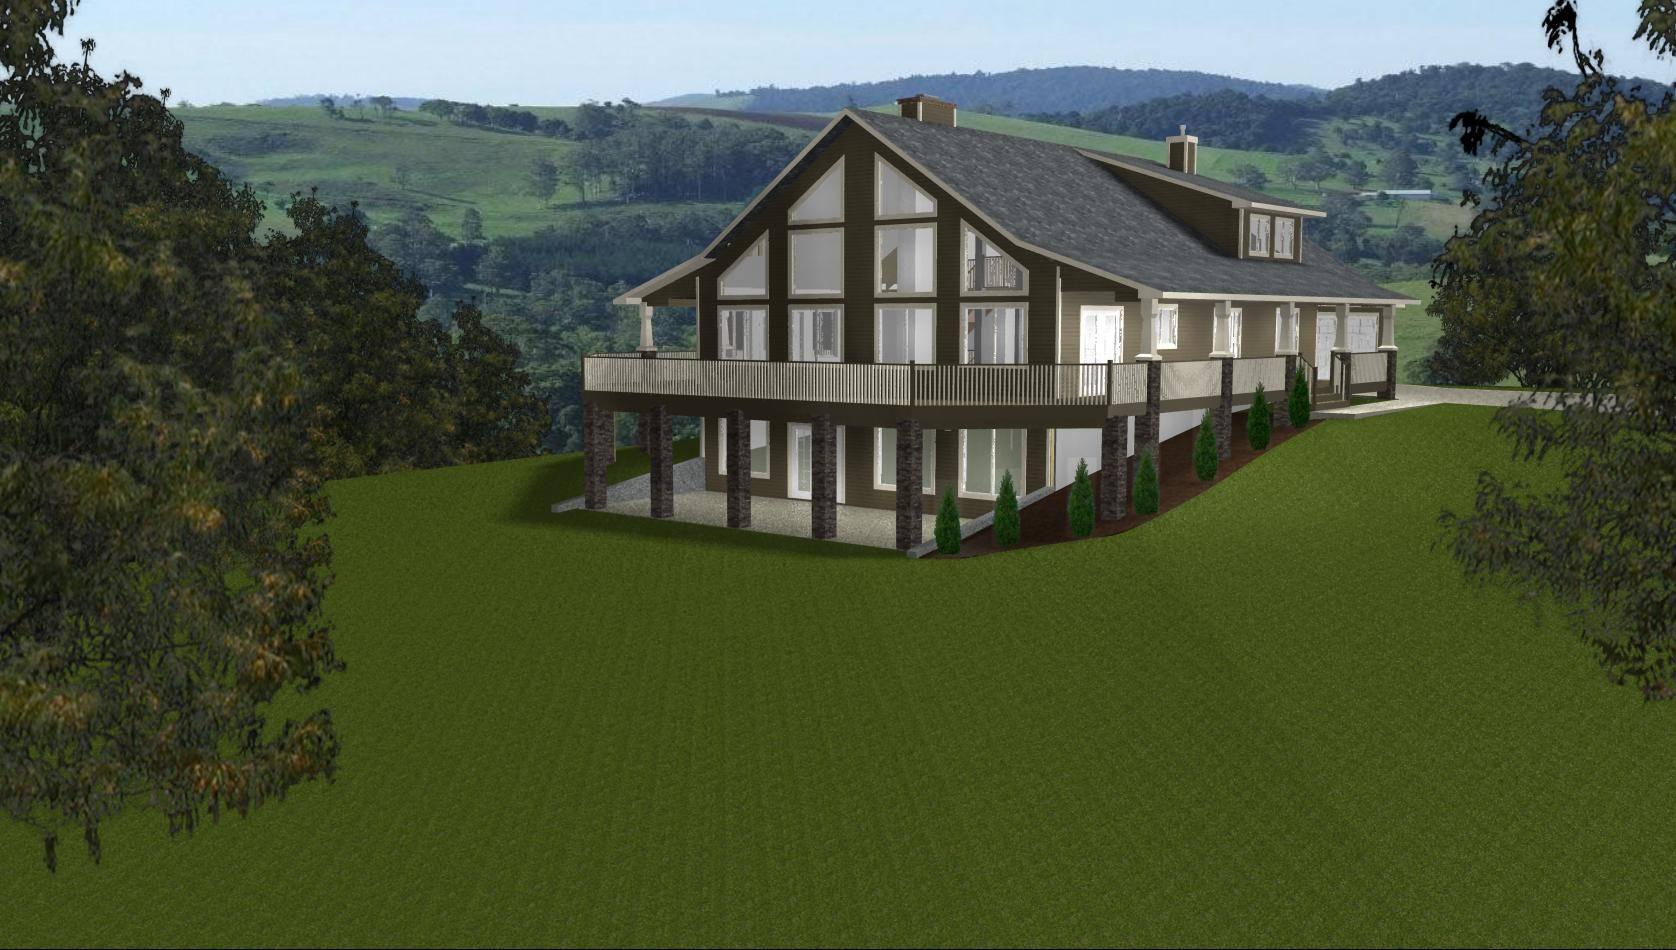 Walkout  Basements  Designs  Bungalow  House  Plans  House